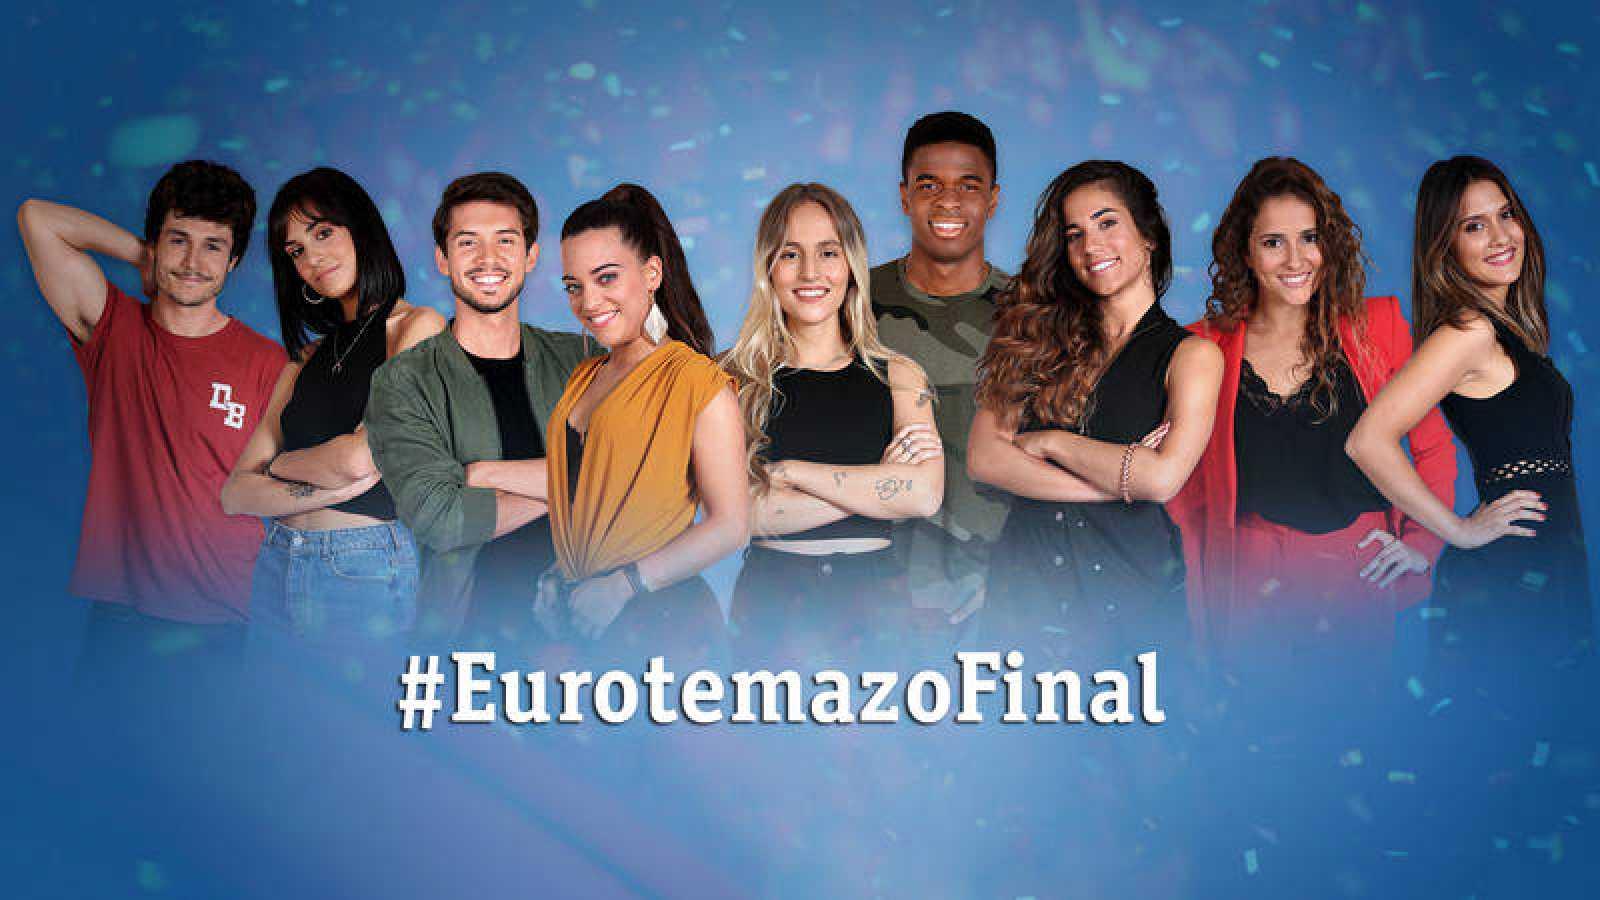 #EurotemazoFinal: Las canciones completas que optan a representar a España en Eurovisión 2019